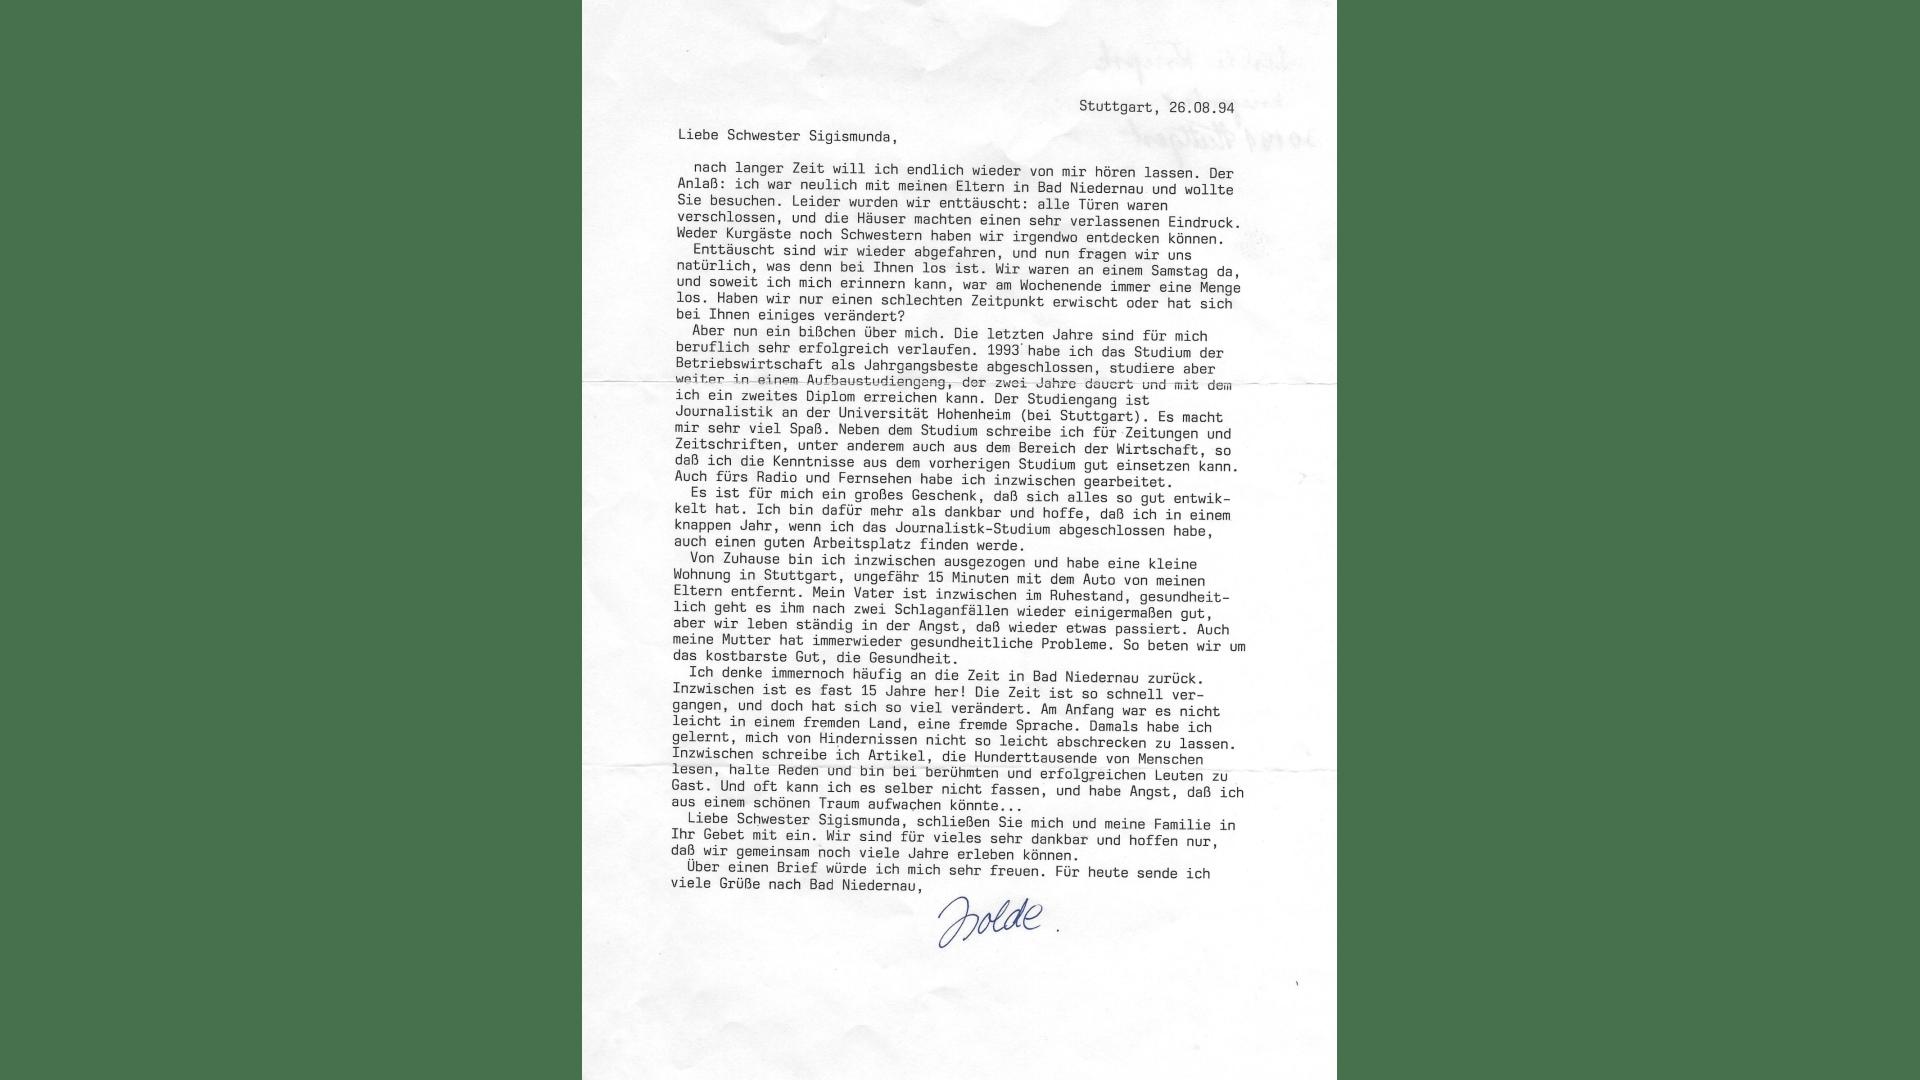 Dankesbrief einer Schülerin an Schwester Sigismunda, 15 Jahre nach ihrer Zeit in Bad Niedernau. Foto: Archiv Arme Schulschwestern